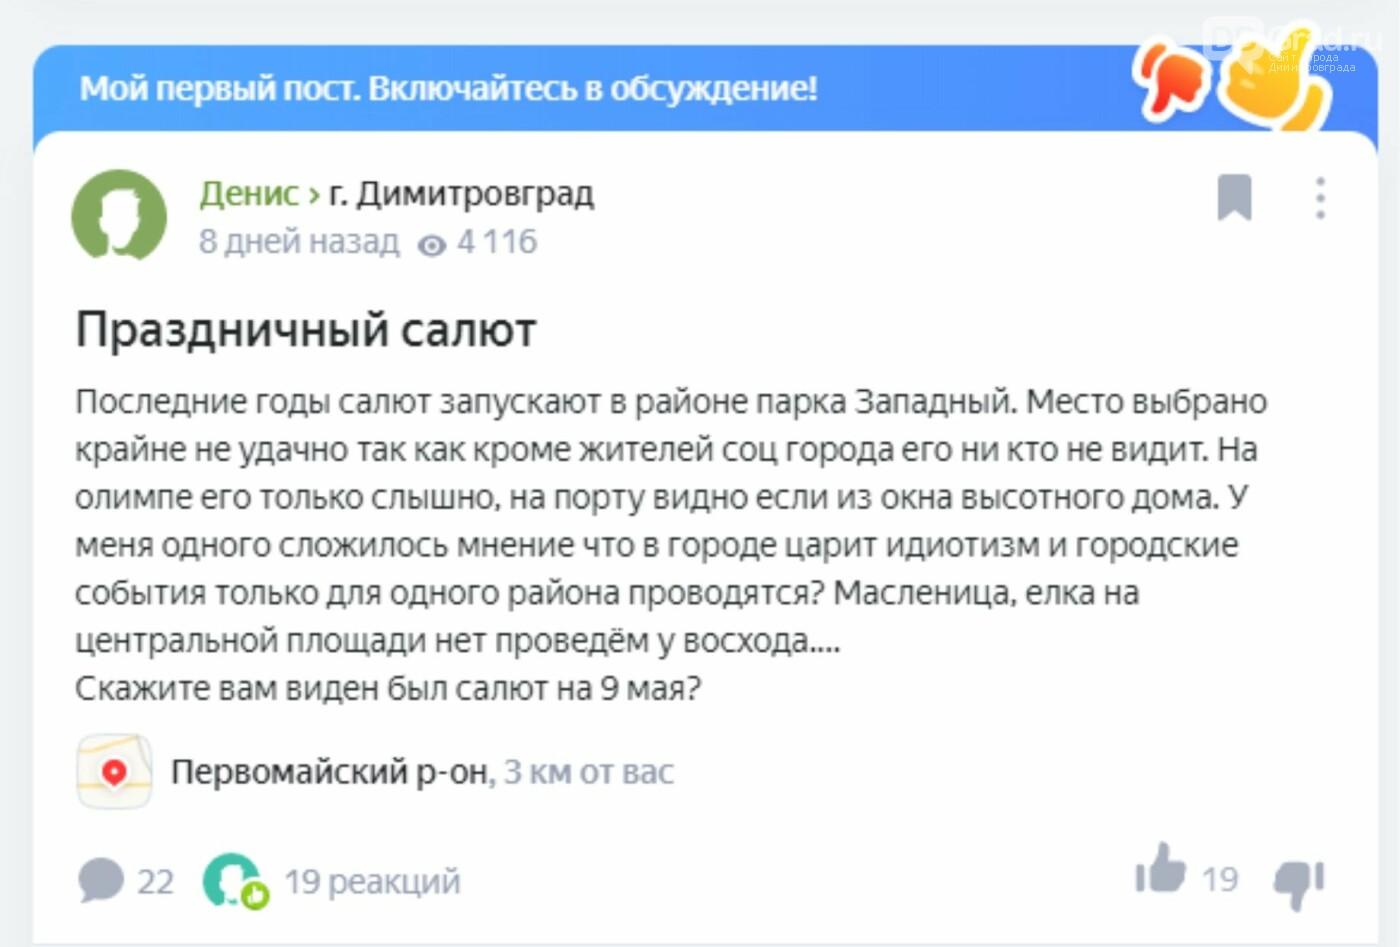 Салют, Димитровград! Горожане спорят, в какой точке городе лучше давать салют, фото-1